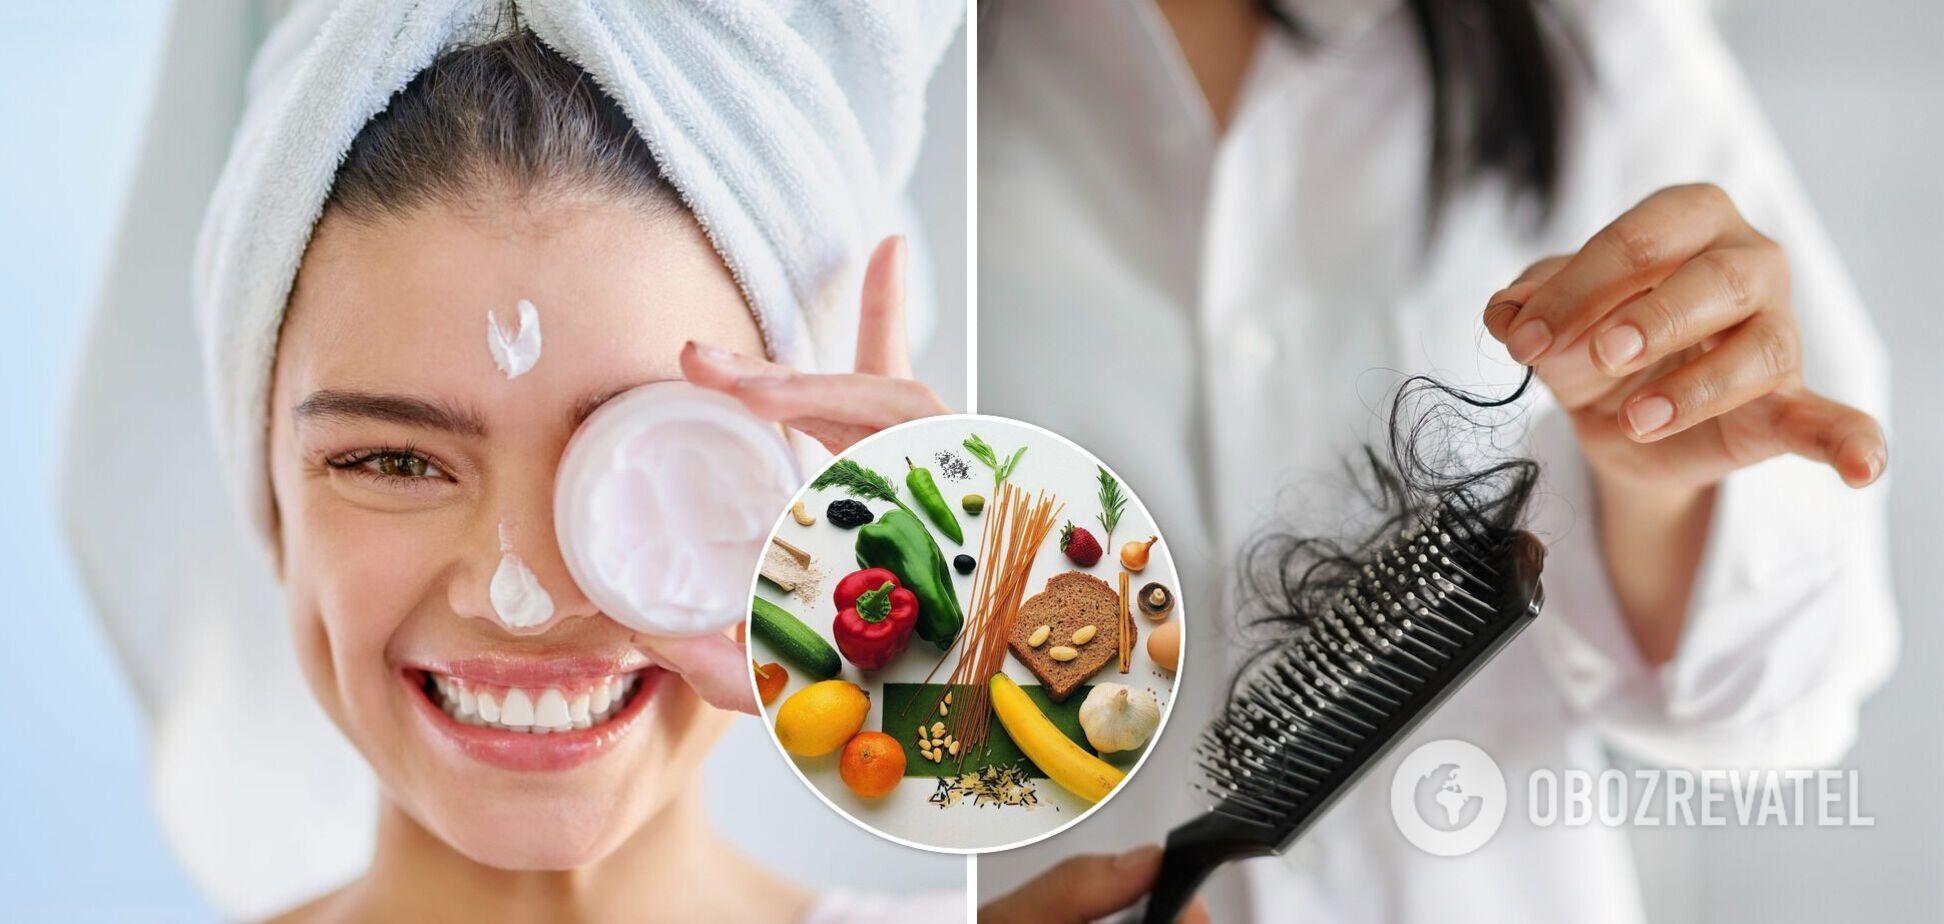 Як доглядати за собою влітку і що додати в раціон харчування: розповідають косметолог і нутриціолог